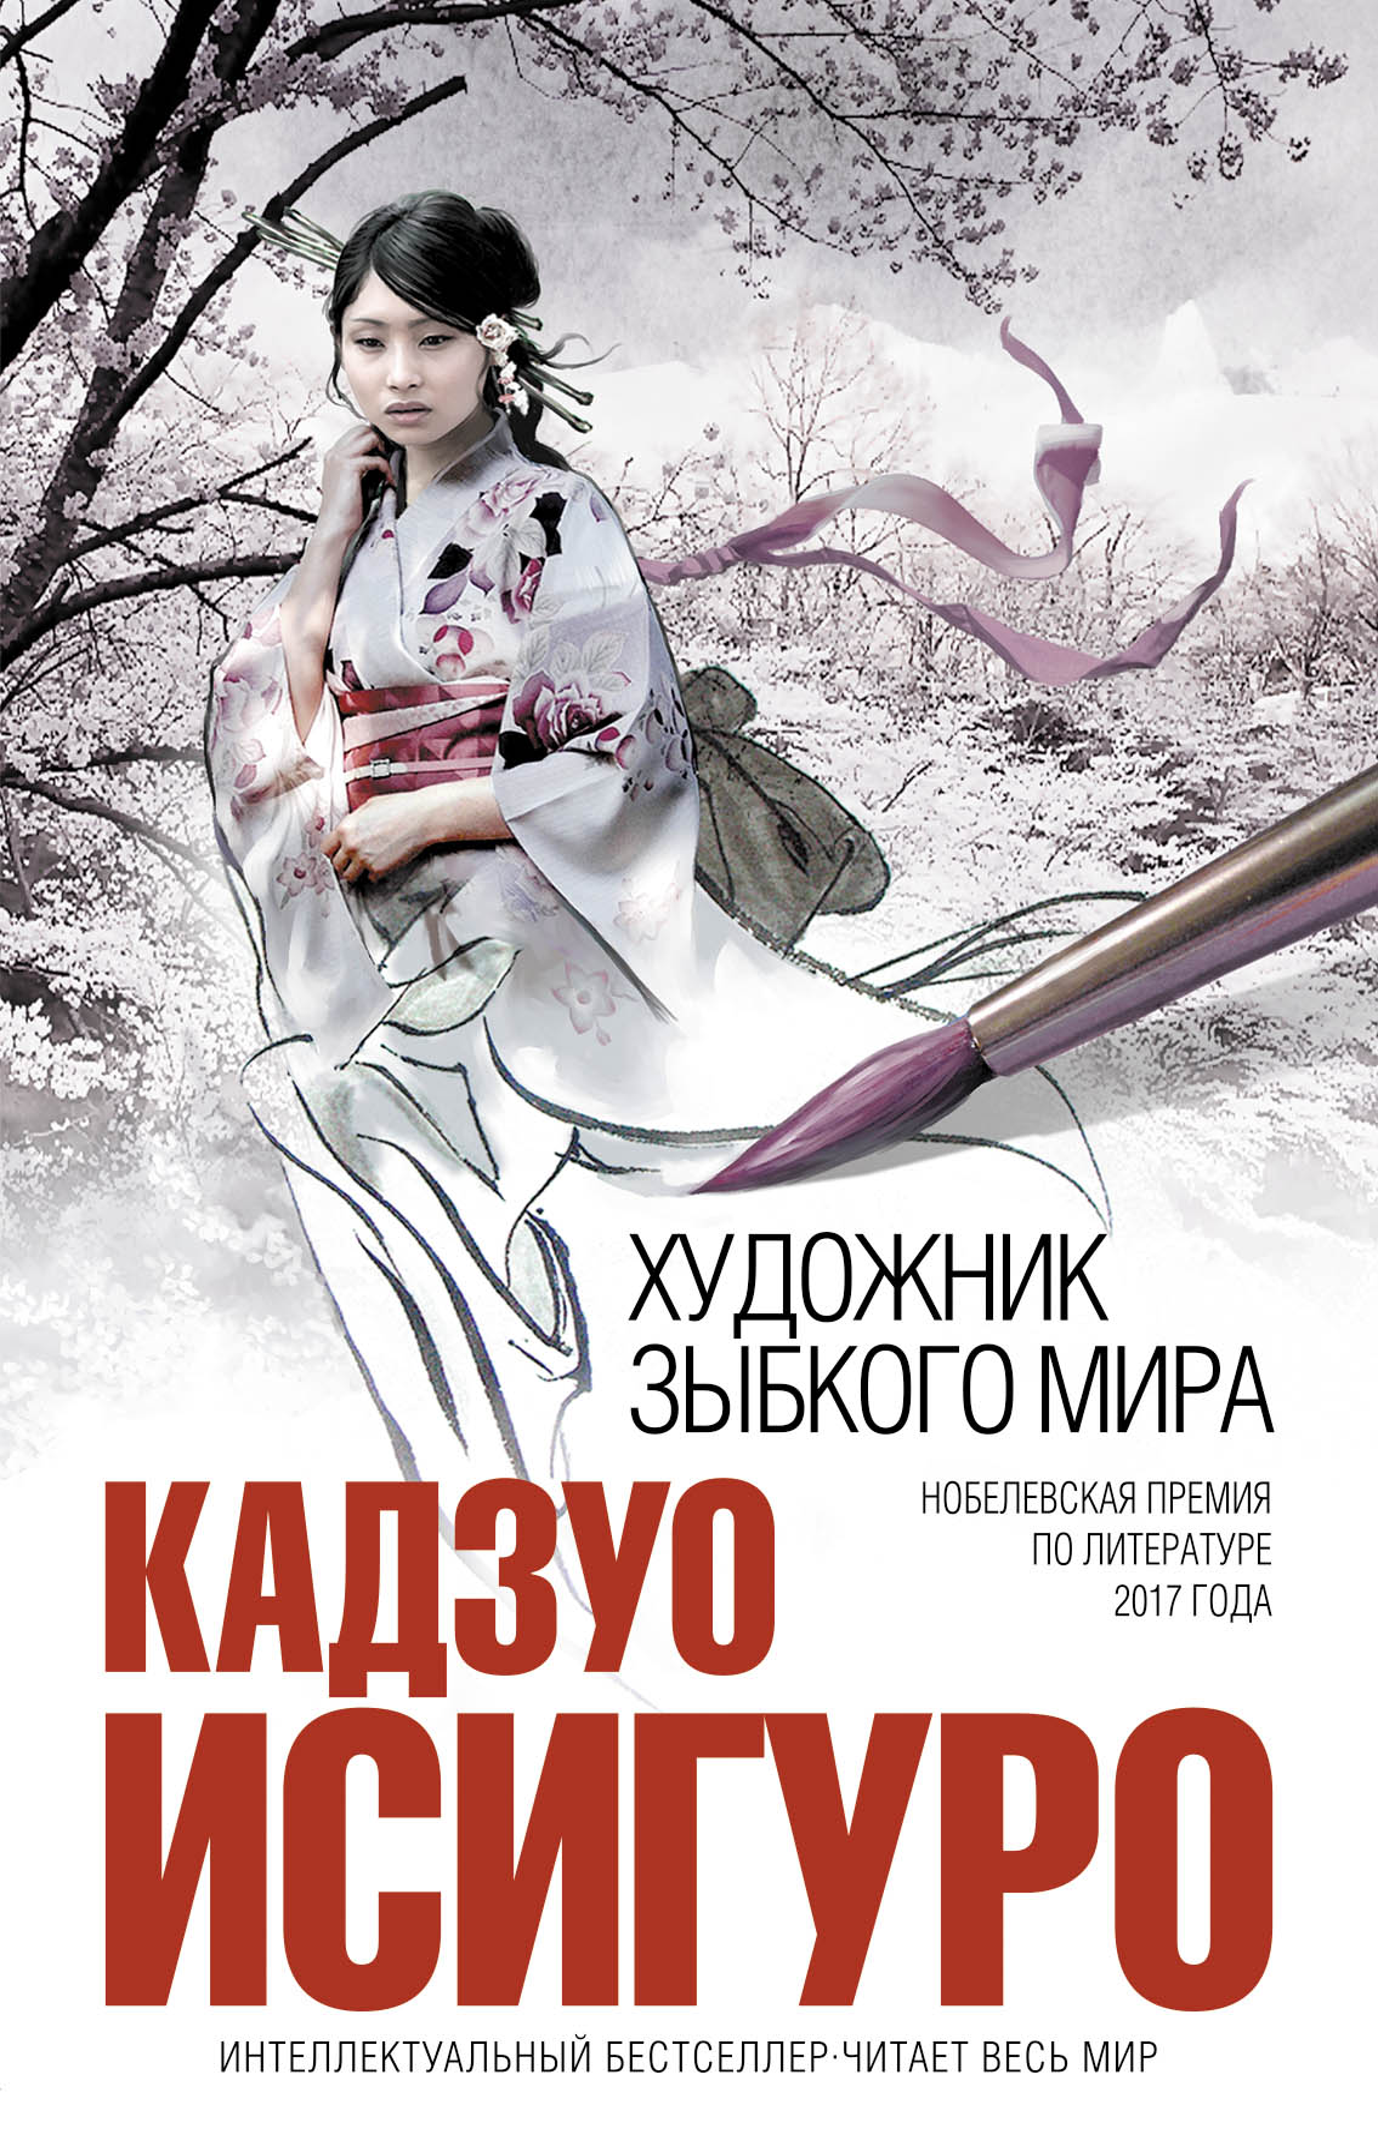 Кадзуо Исигуро. Художник зыбкого мира